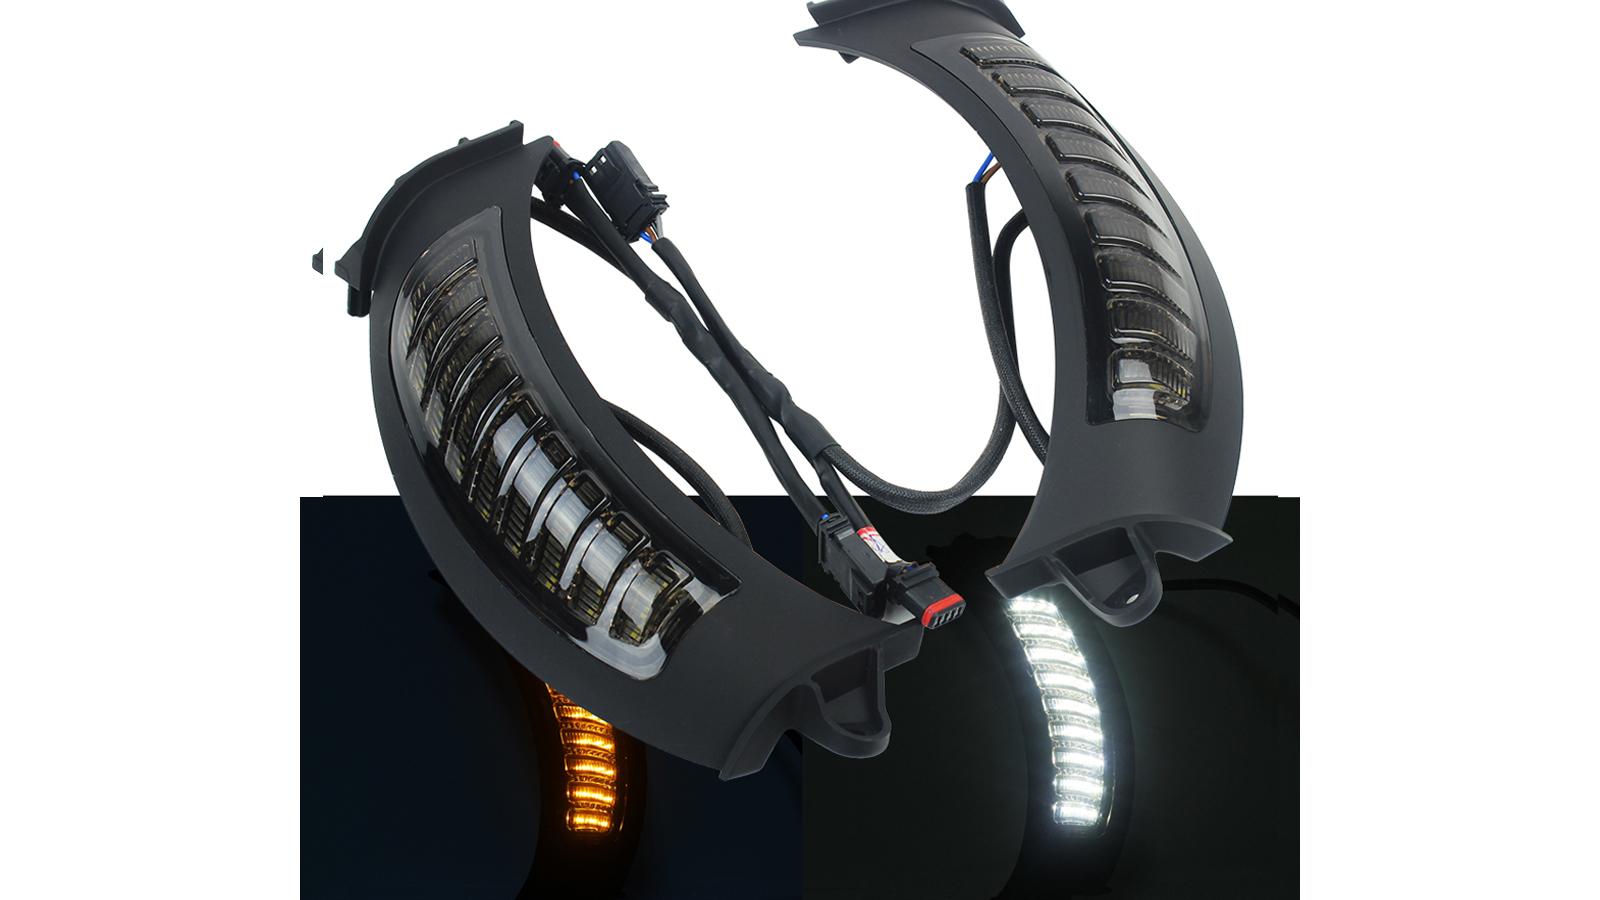 أفضل أدى بدوره إشارة أضواء W / DRL لعام 2015-2020 الطريق الإنزلاق دراجة نارية مصباح جانبي